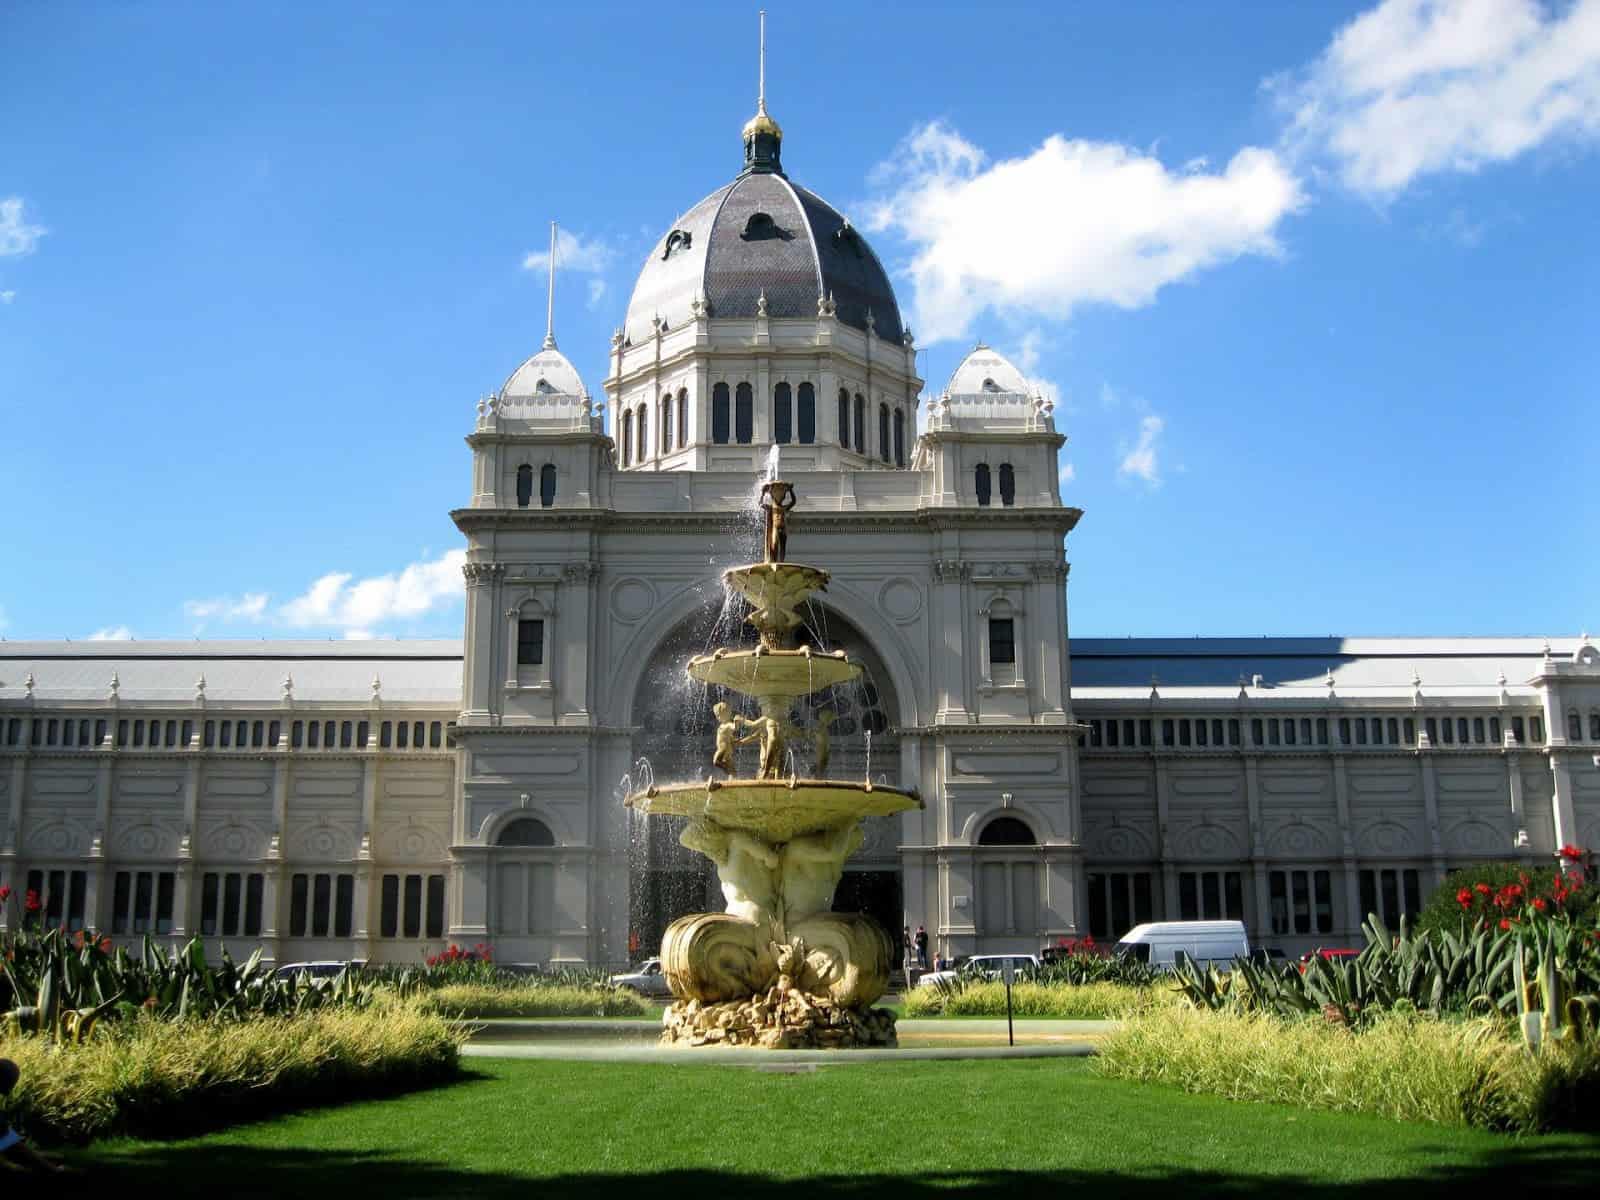 مبنى المعارض الملكيّة